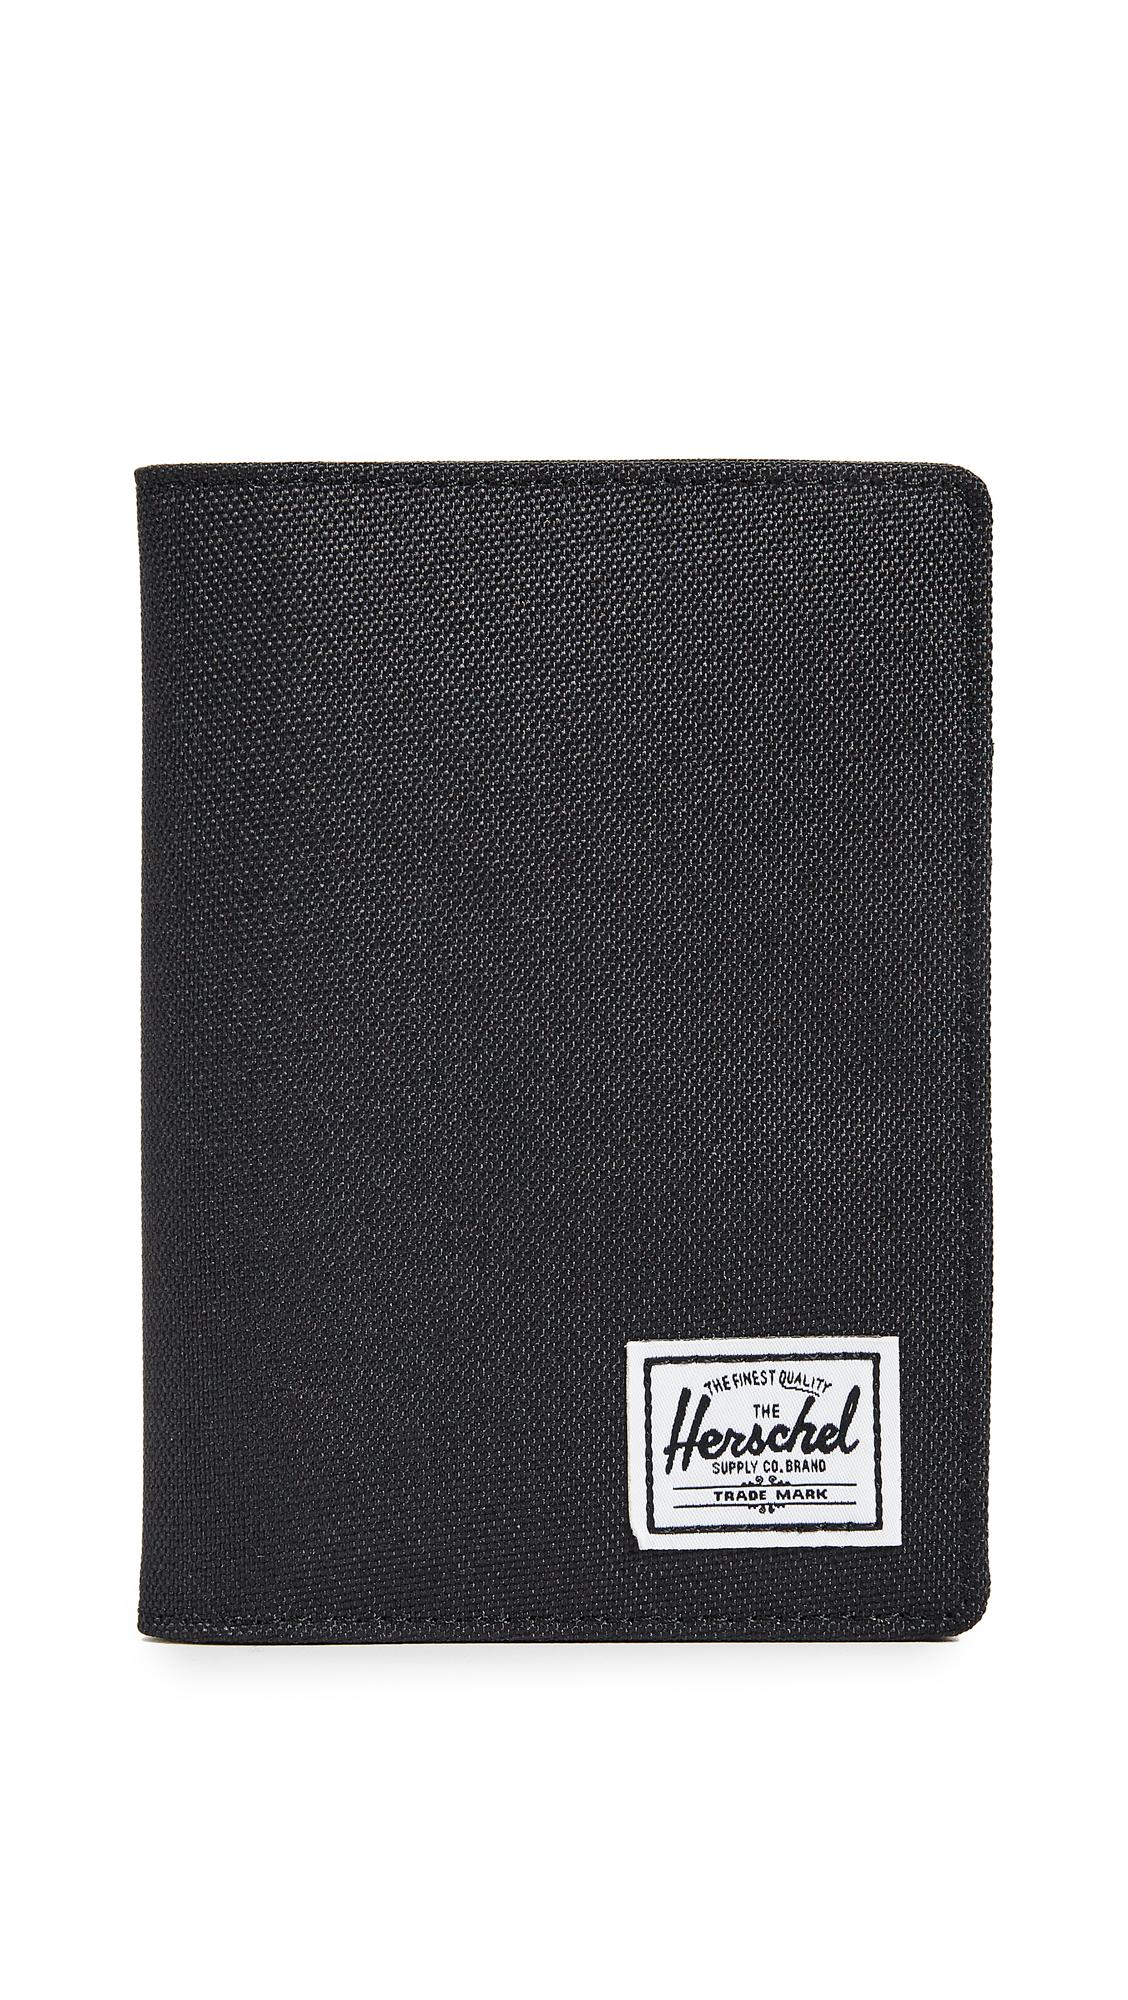 Herschel Supply Co. Raynor Passport Case - Black